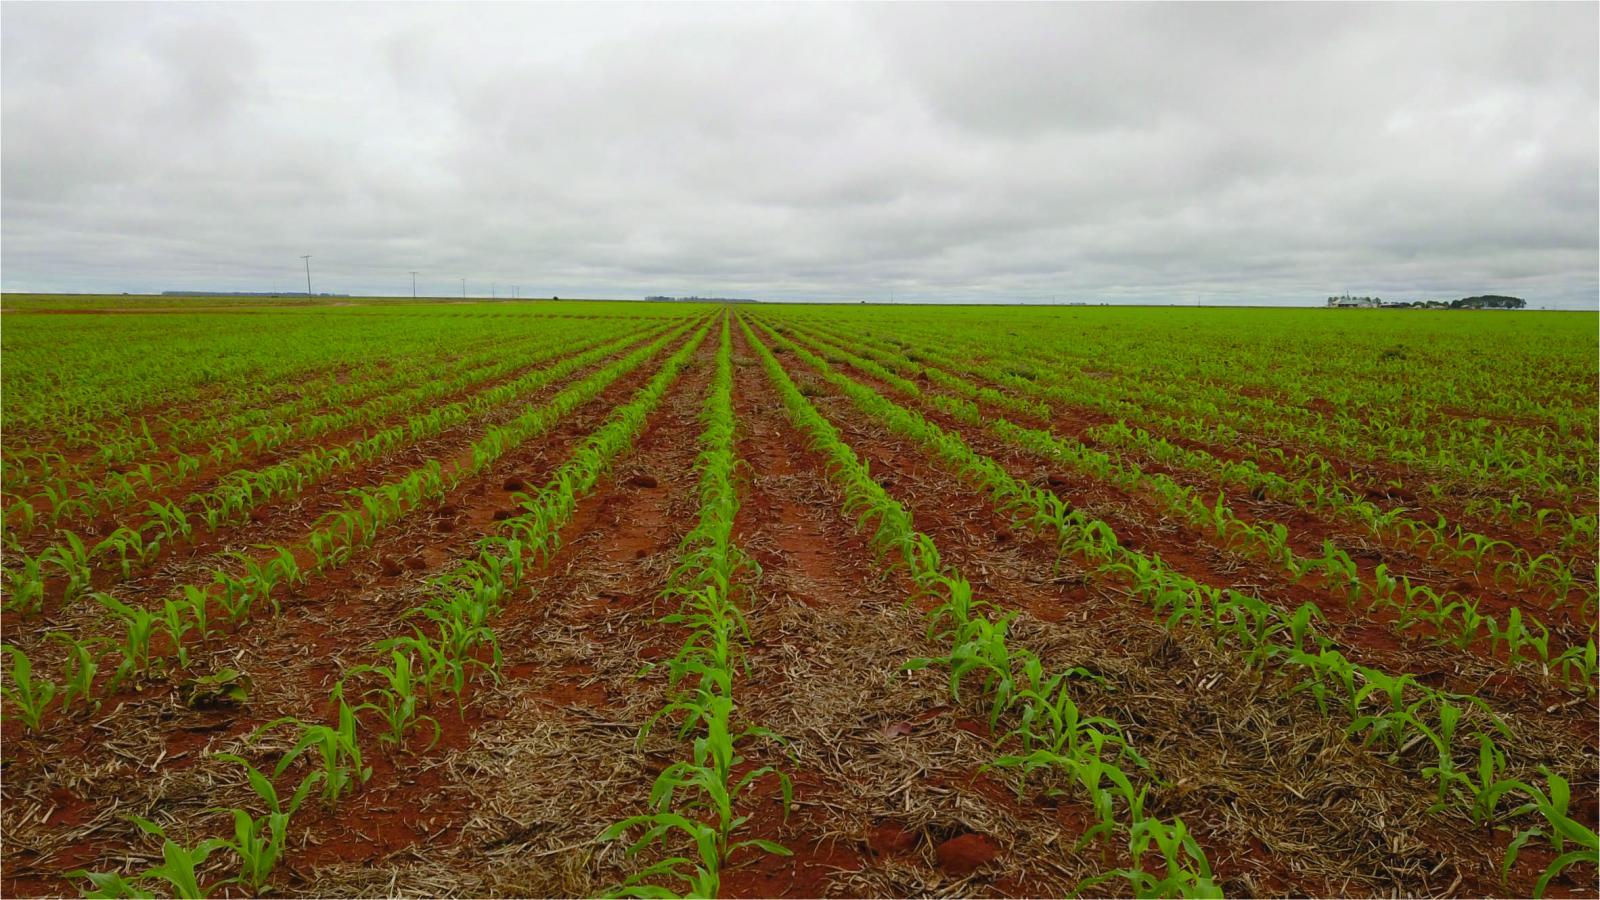 images/2018/04/carroll-farms-farmstead-45-gb1-1523484993mtuymzq4ndk5mw.jpg